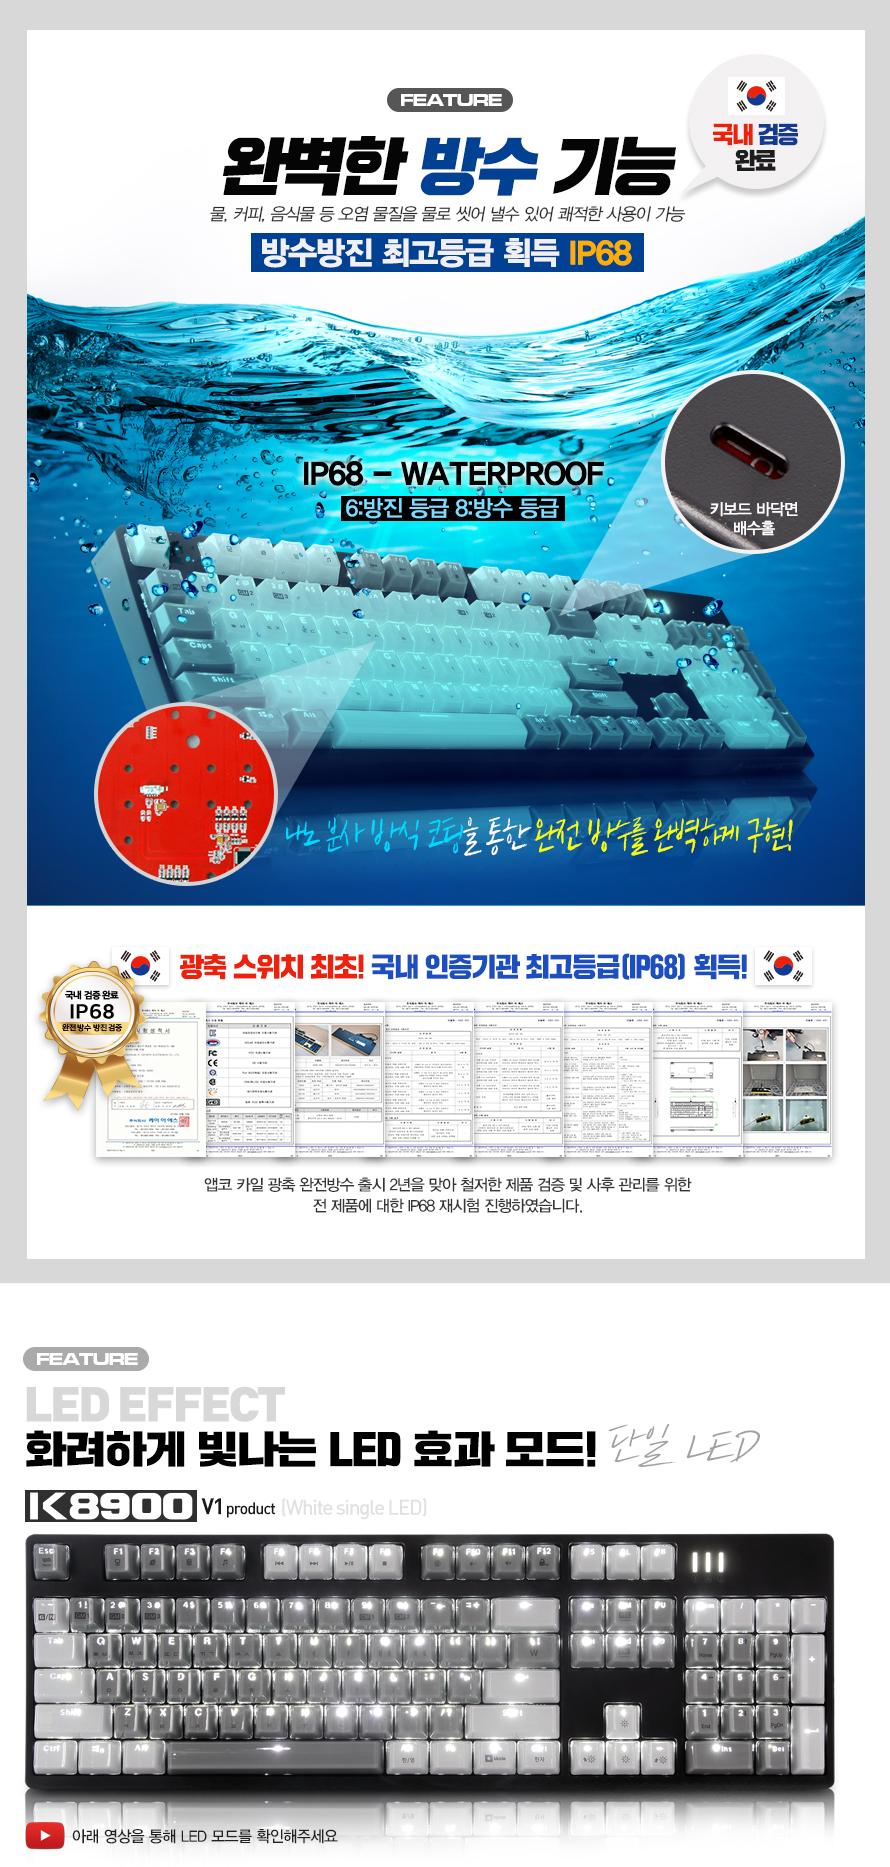 ABKO HACKER K8900 카일 광축 완전방수 어반그레이(V1, 리니어)